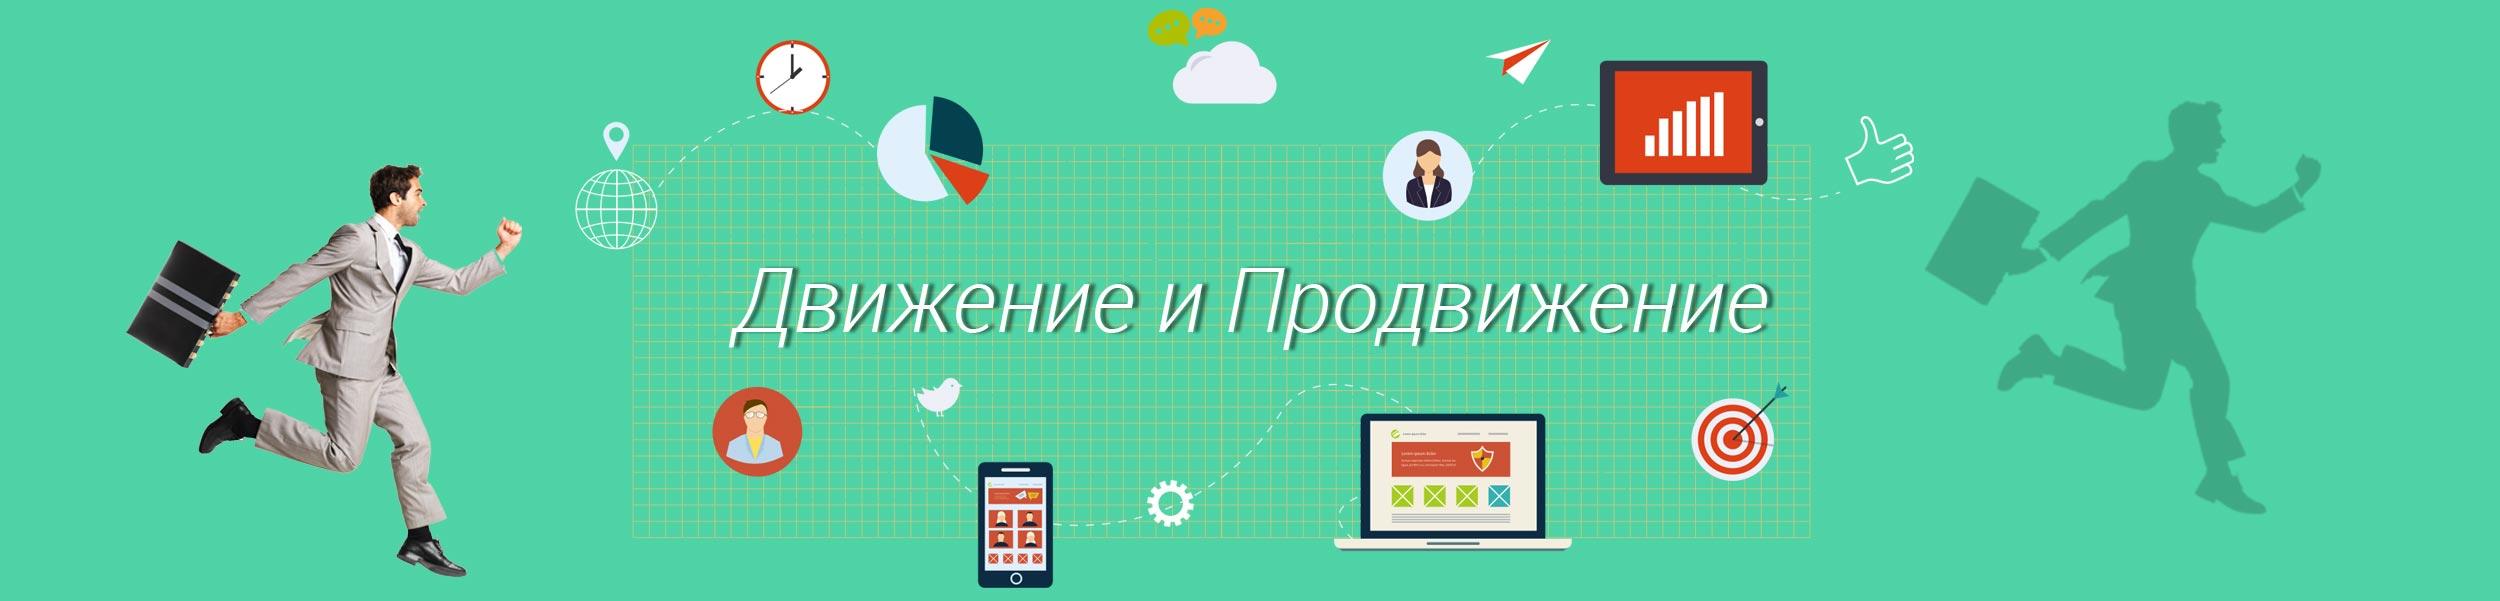 Раскрутка и продвижение сайтов в русском интернете